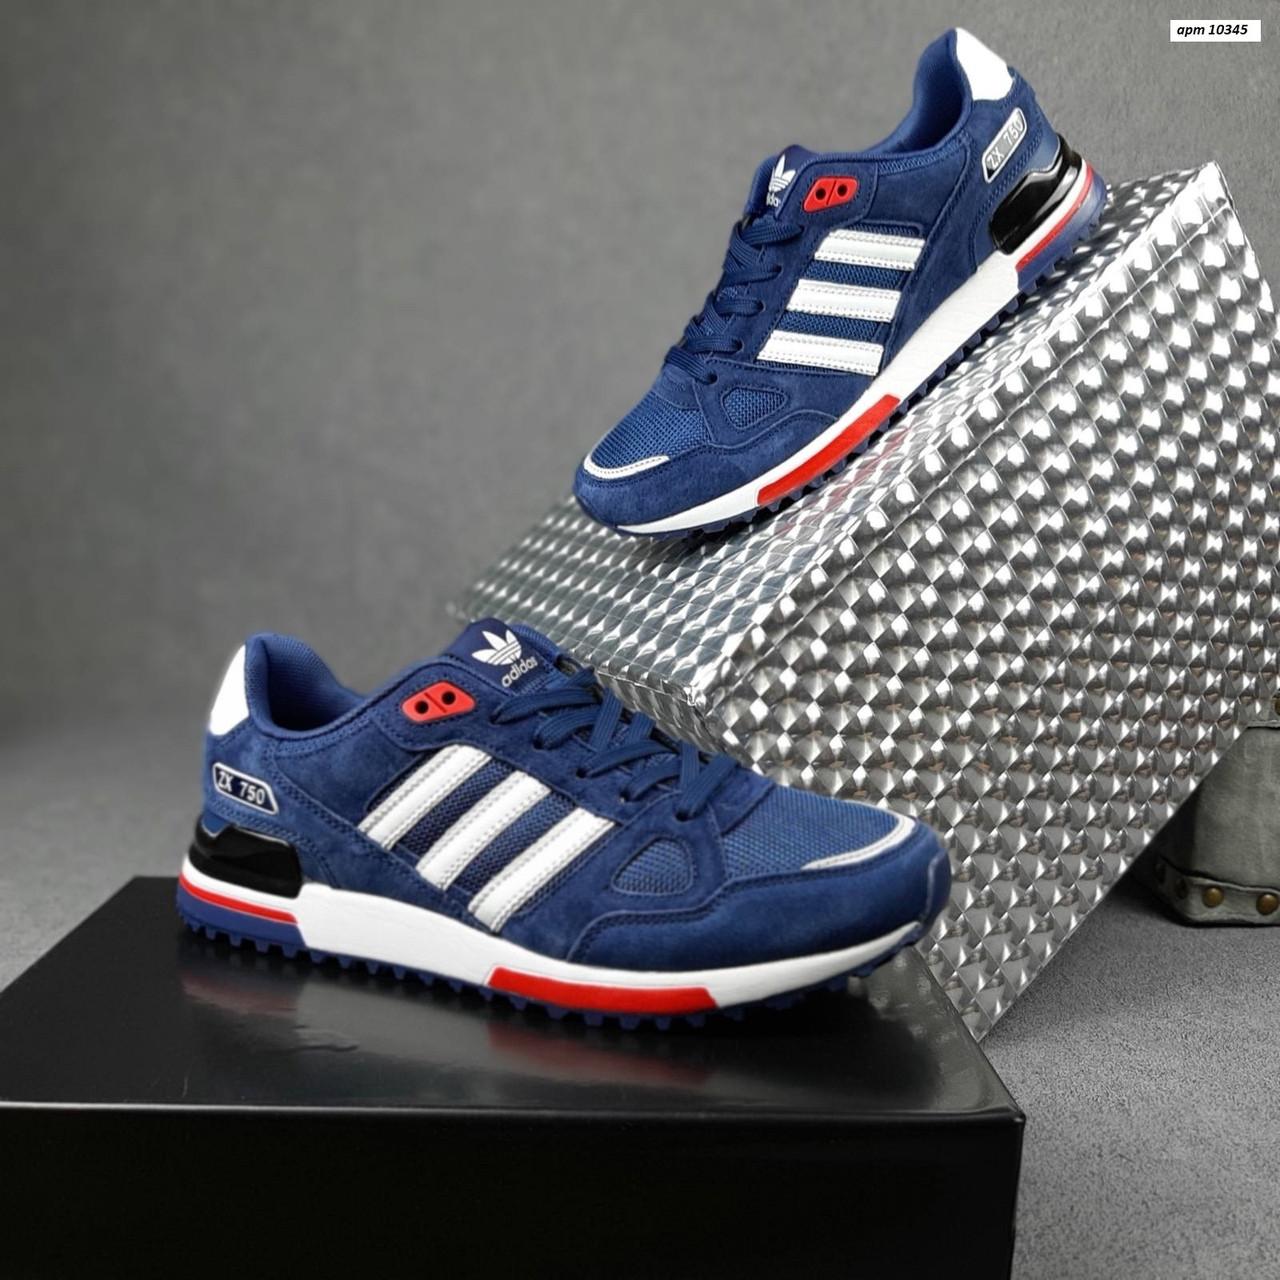 Чоловічі кросівки Adidas ZX 750 (сині з червоним) 10345 замшеві чоботи повсякденні спортивні кроси